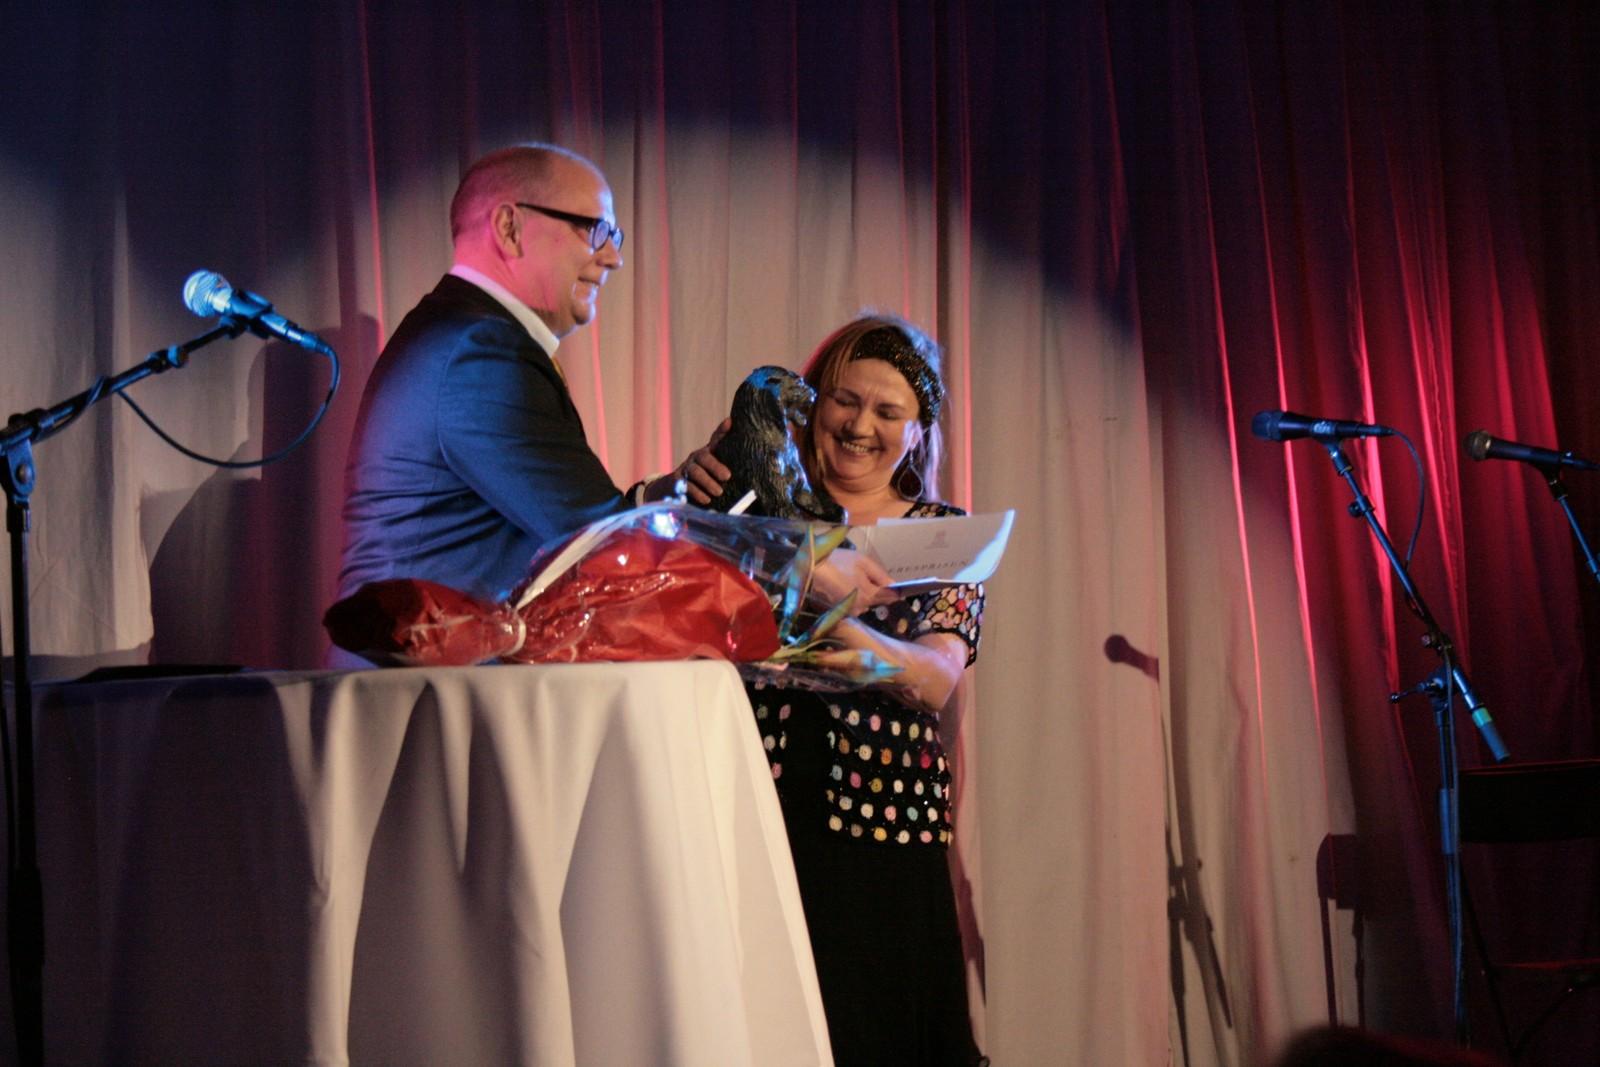 Mari Boine mottok i 2009 «Kulturrådets ærespris». Utdelingen fant sted på Stratos i Oslo, og ble overrakt av daværende kulturrådsmedlem Bentein Baardson.